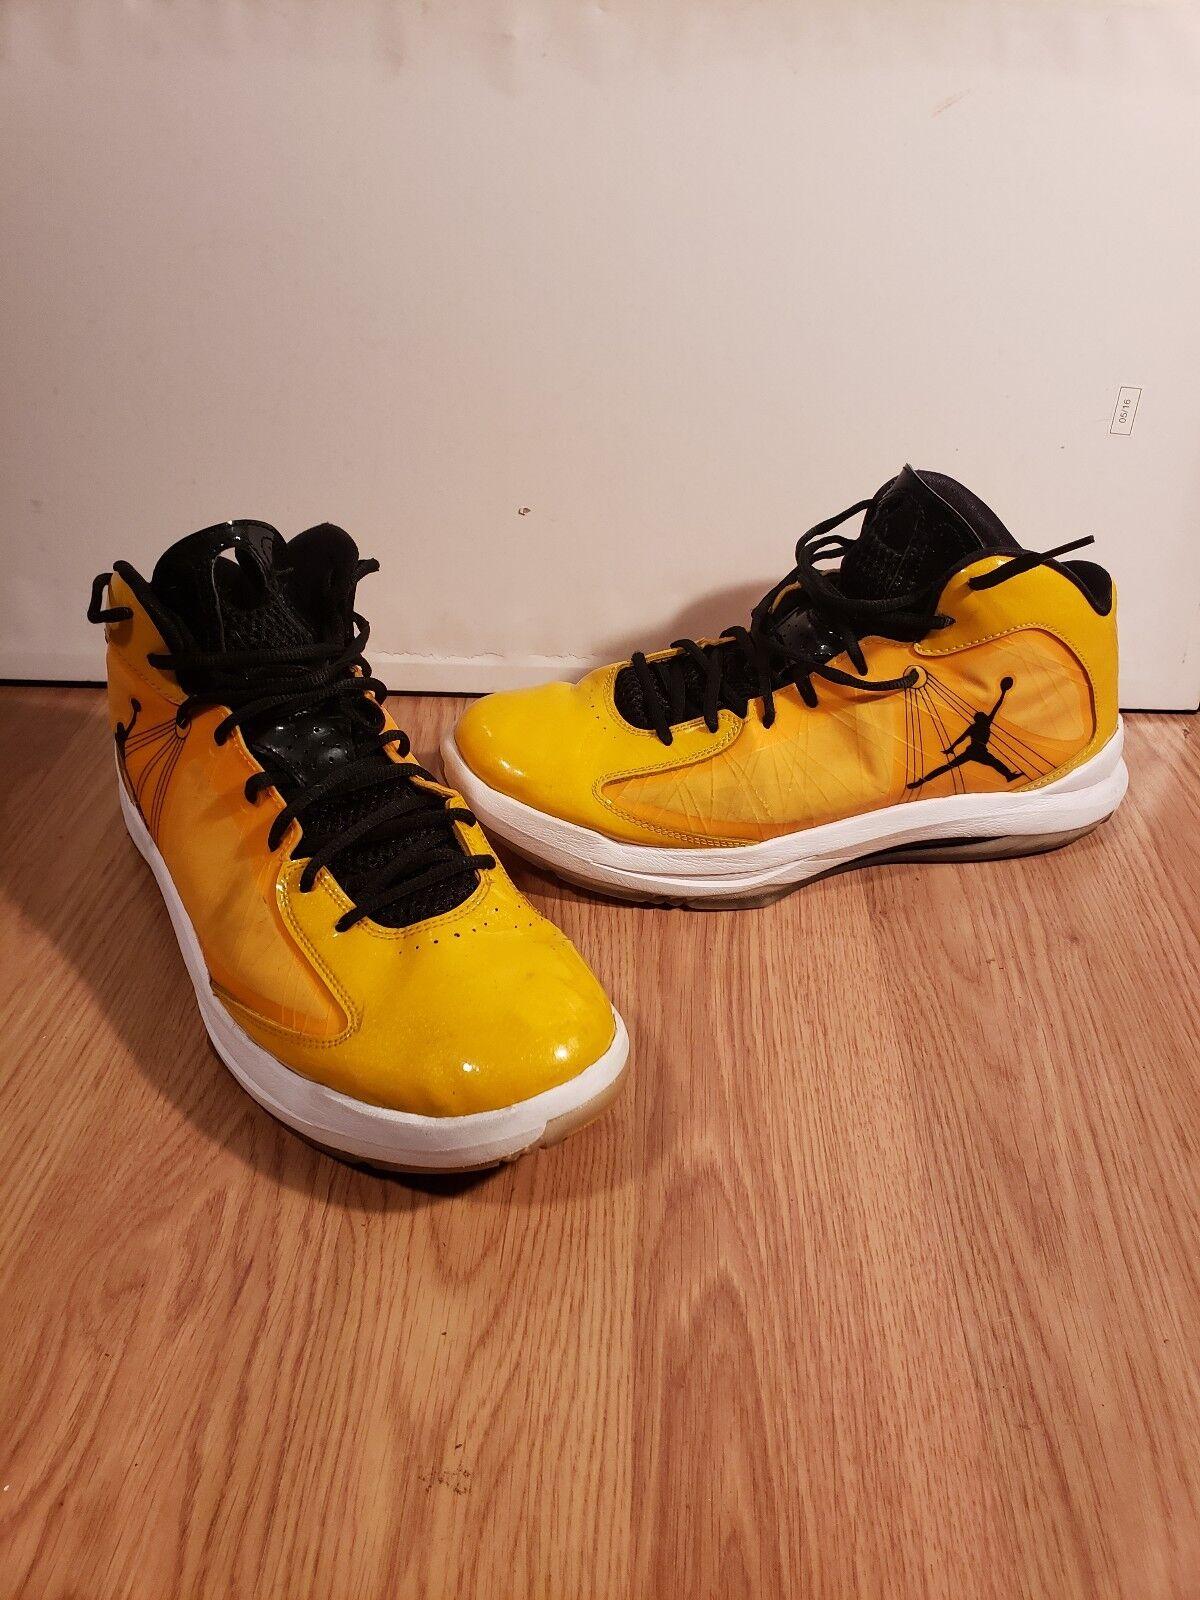 Nike jordan uomini 524959-701 basket millimetro 12 | all'ingrosso  | Uomini/Donna Scarpa